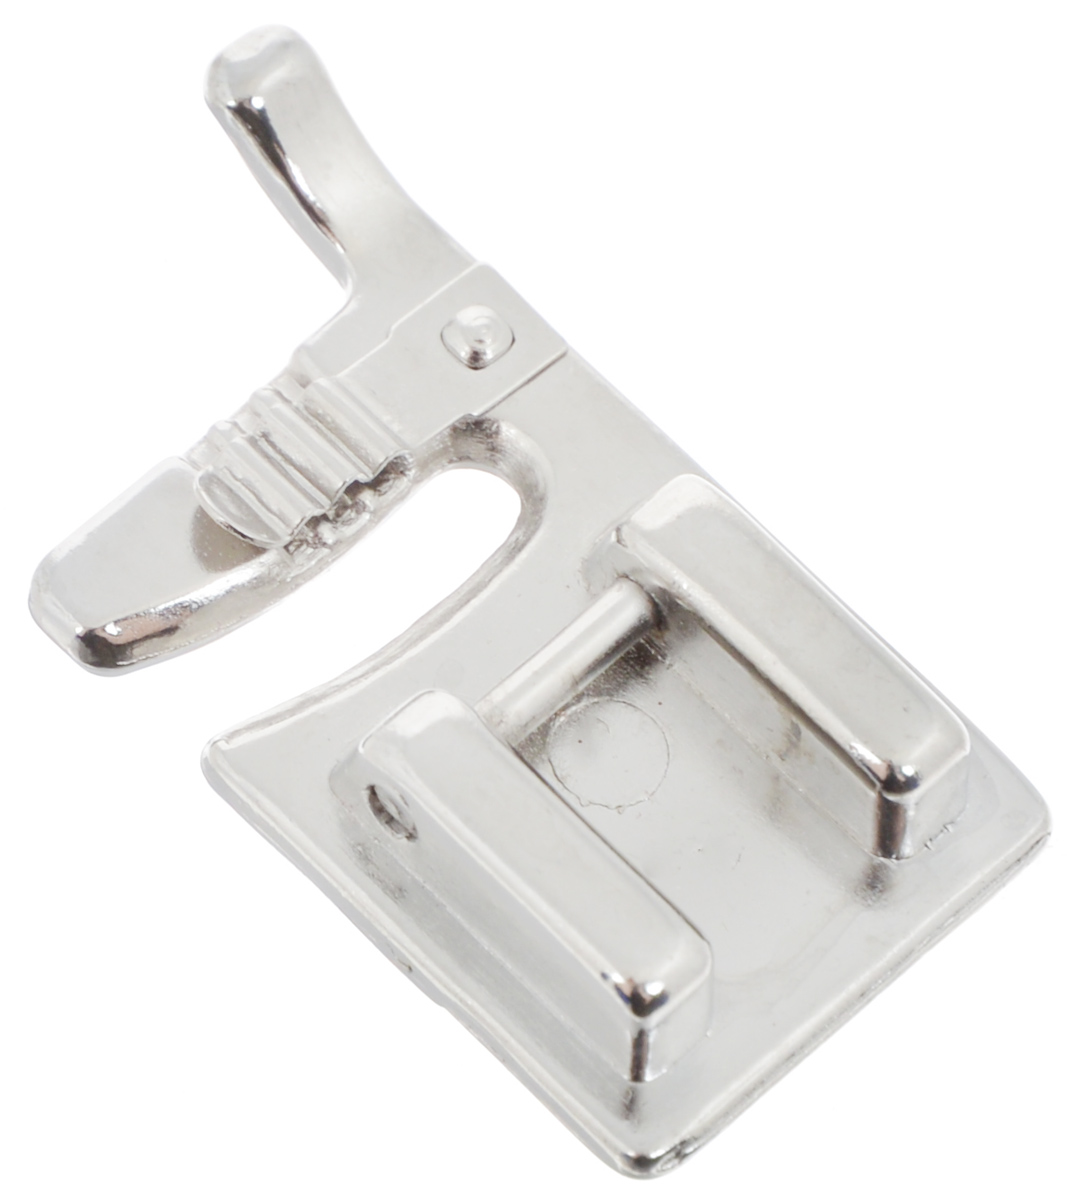 Лапка для швейной машины Aurora, для пришивания декоративных шнуровFTN 21Лапка для швейной машины Aurora используется для вшивания декоративных шнуров, нитей. Подходит для большинства современных бытовых швейных машин. Инструкция по использованию прилагается.